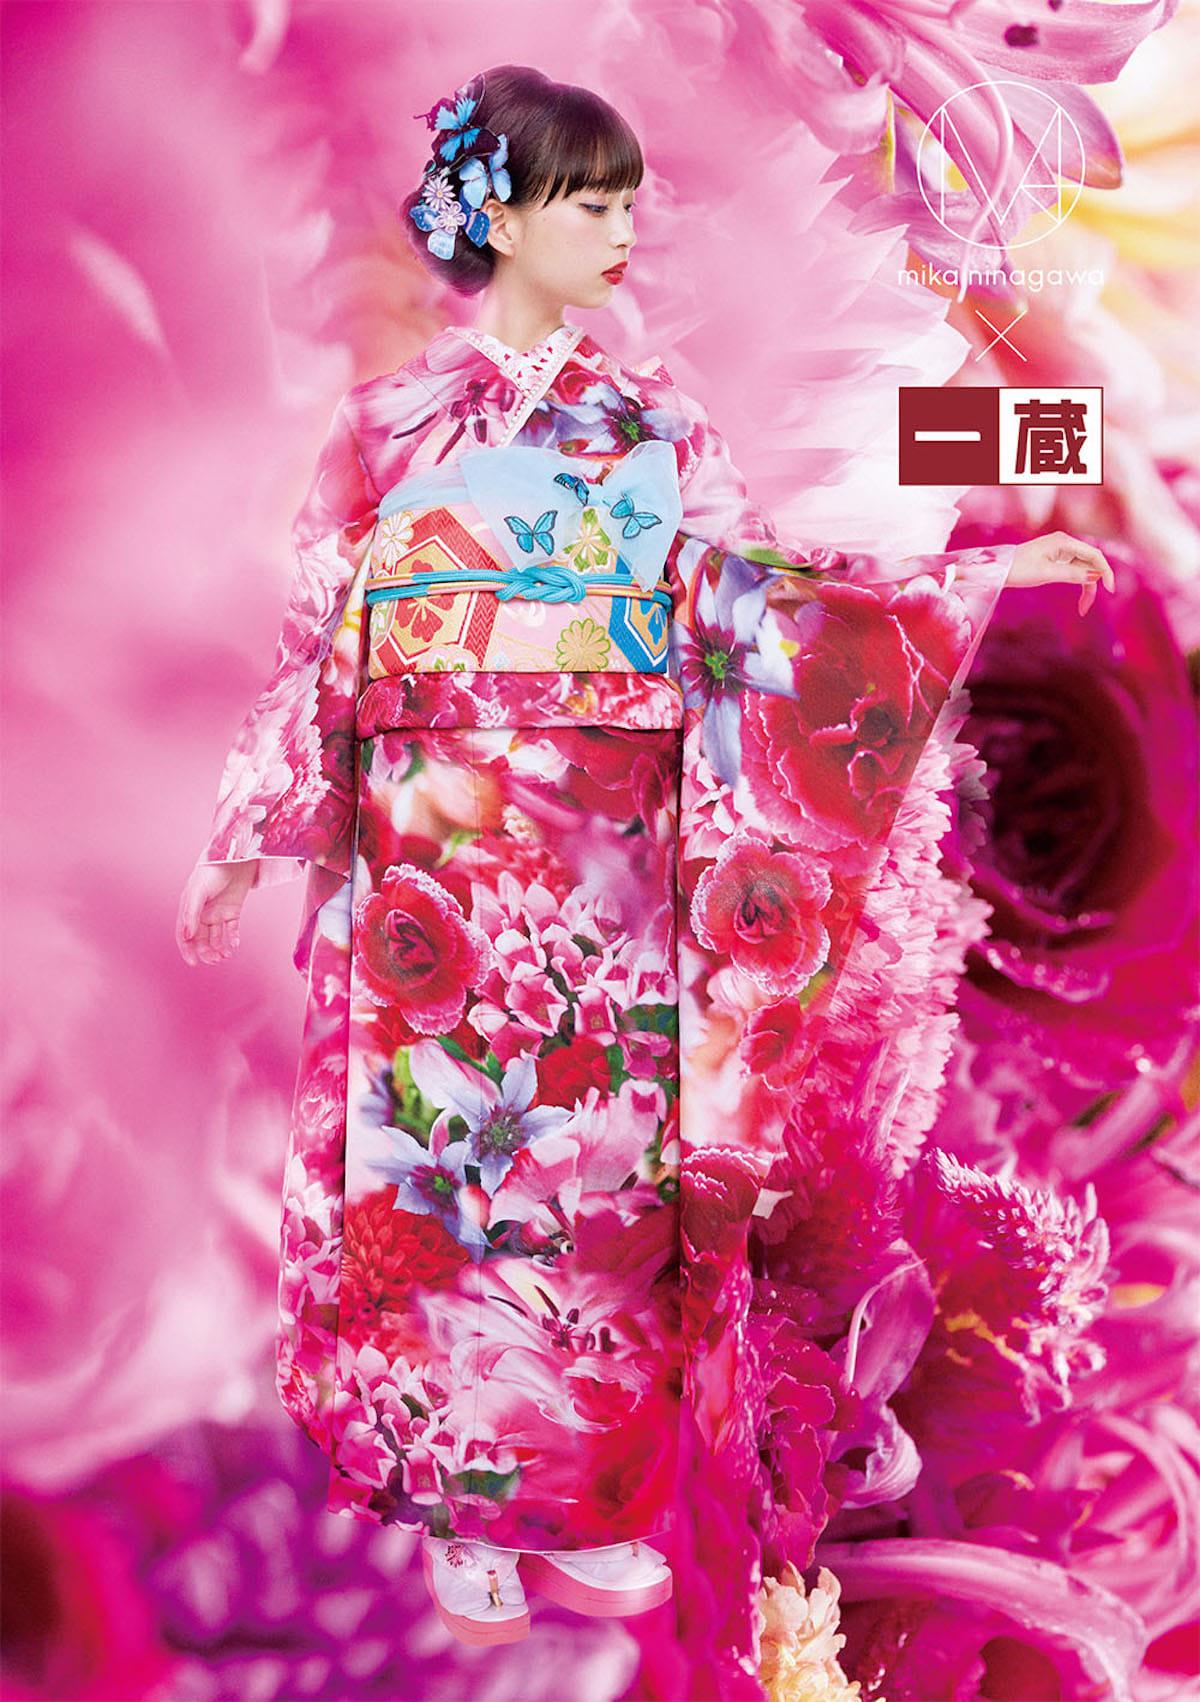 蜷川実花による色彩豊かすぎる振袖を森川葵が着用!ビビットなビジュアル公開 fashion180531_mika-ninagawa_6-1200x1702